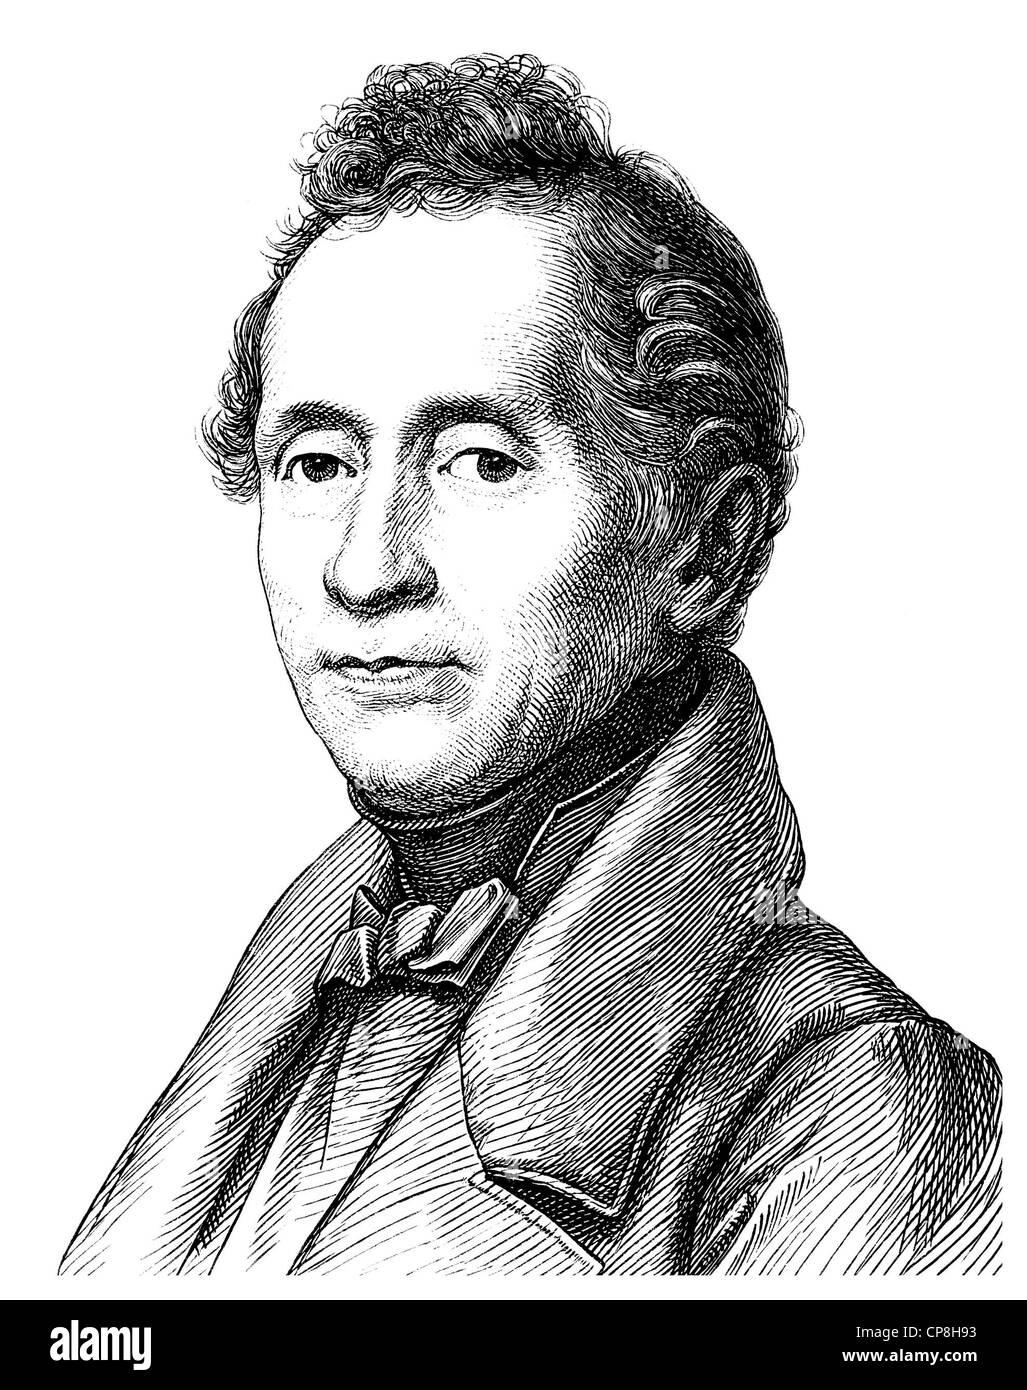 <b>Joseph Karl</b> Benedikt Freiherr von Eichendorff, 1788 - 1857, ... - joseph-karl-benedikt-freiherr-von-eichendorff-1788-1857-a-poet-and-CP8H93